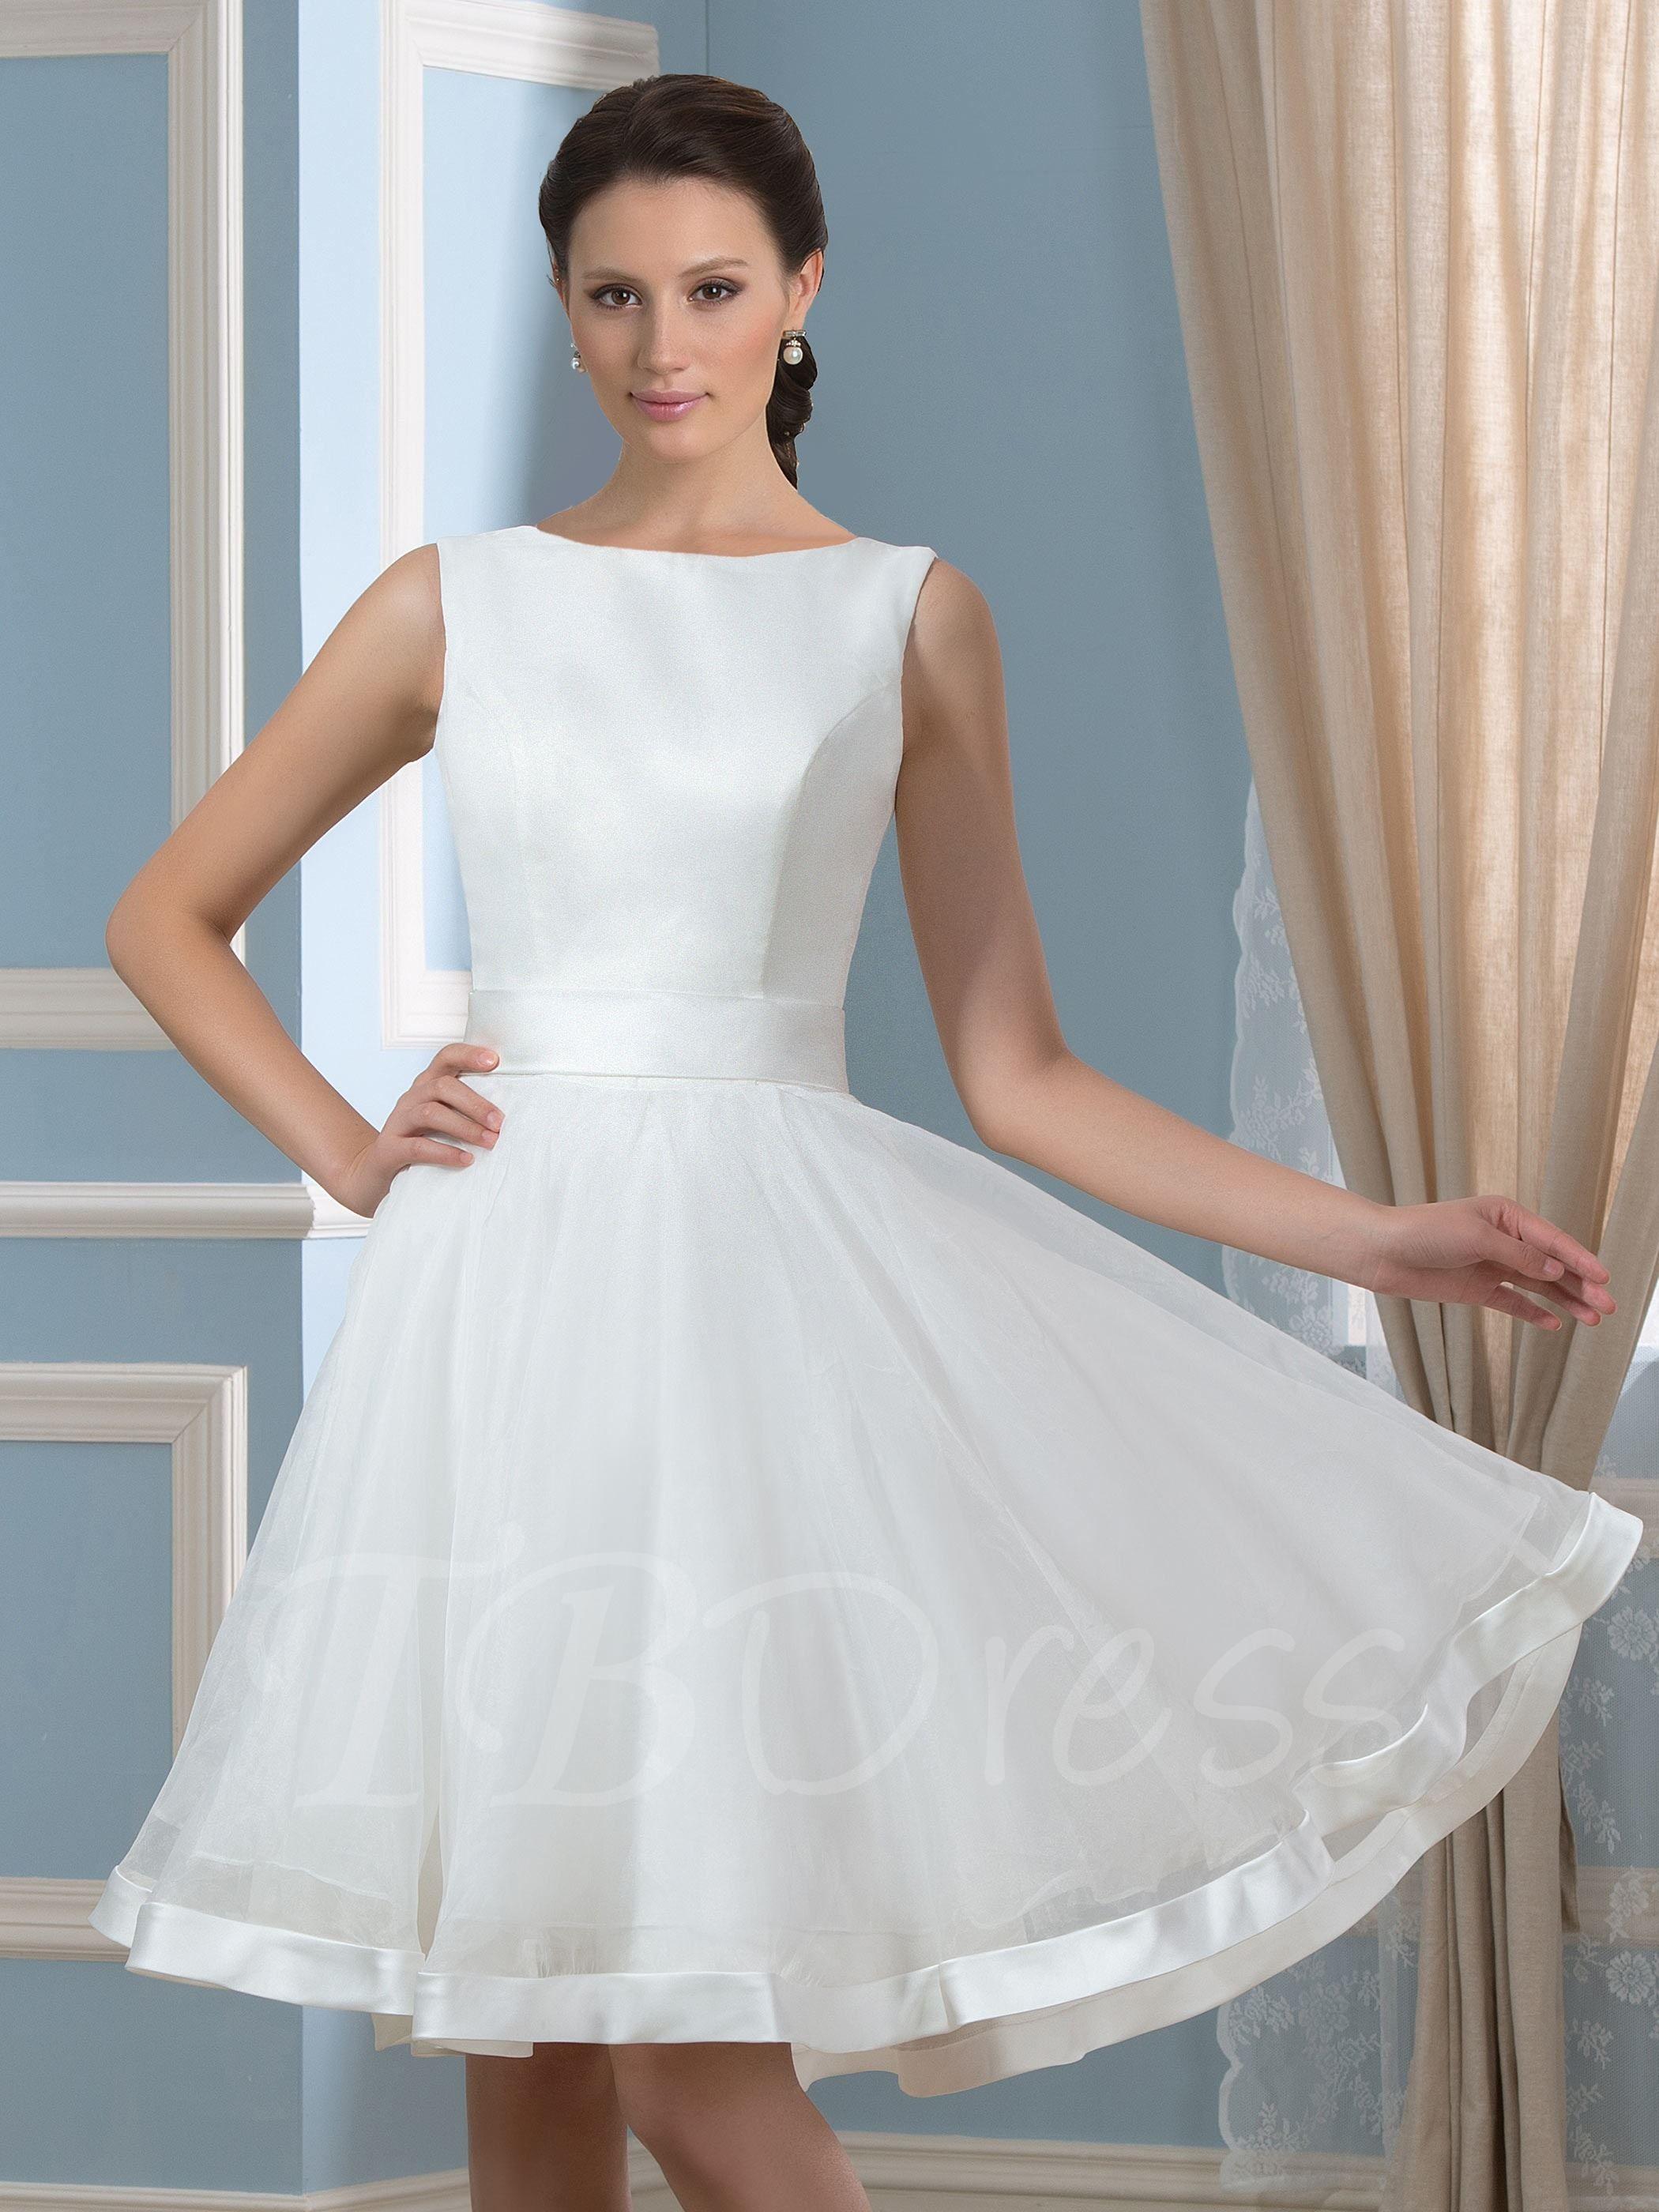 Bowknot open back short beach wedding dress in wedding stuffs